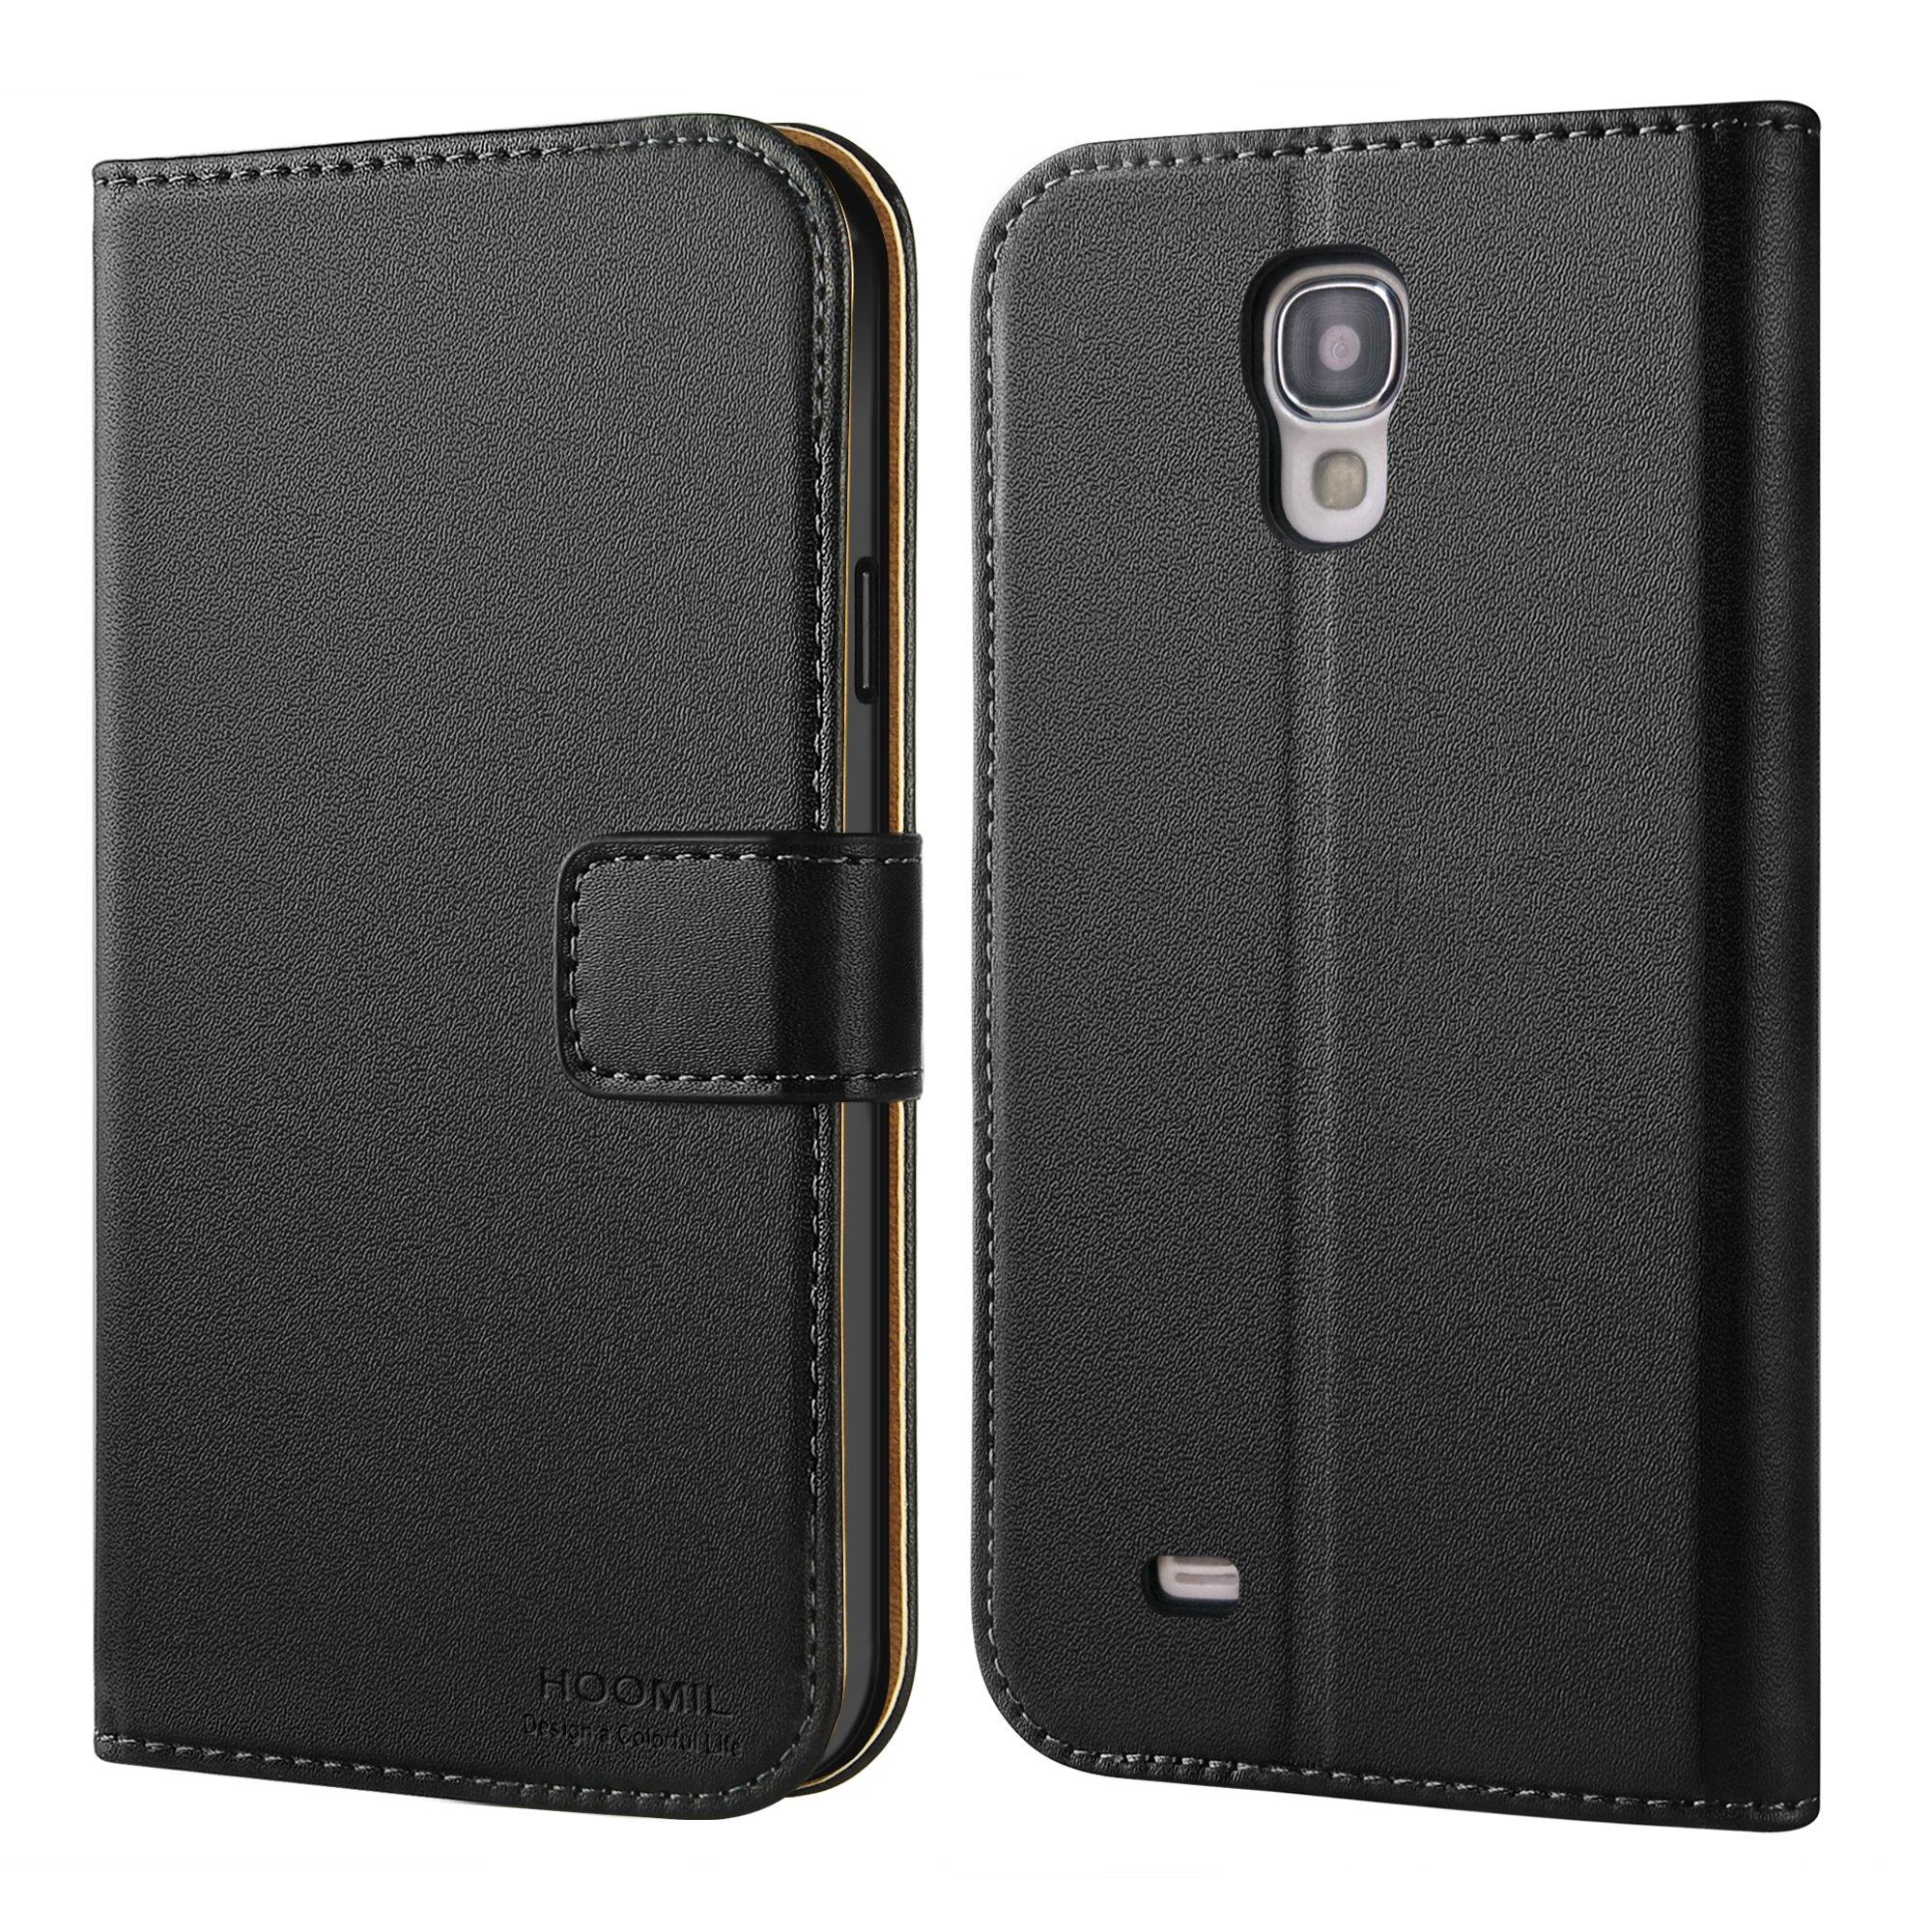 HOOMIL Funda para Samsung Galaxy S4, Funda de Cuero PU Premium Carcasa para Samsung Galaxy S4 (Negro): Amazon.es: Electrónica